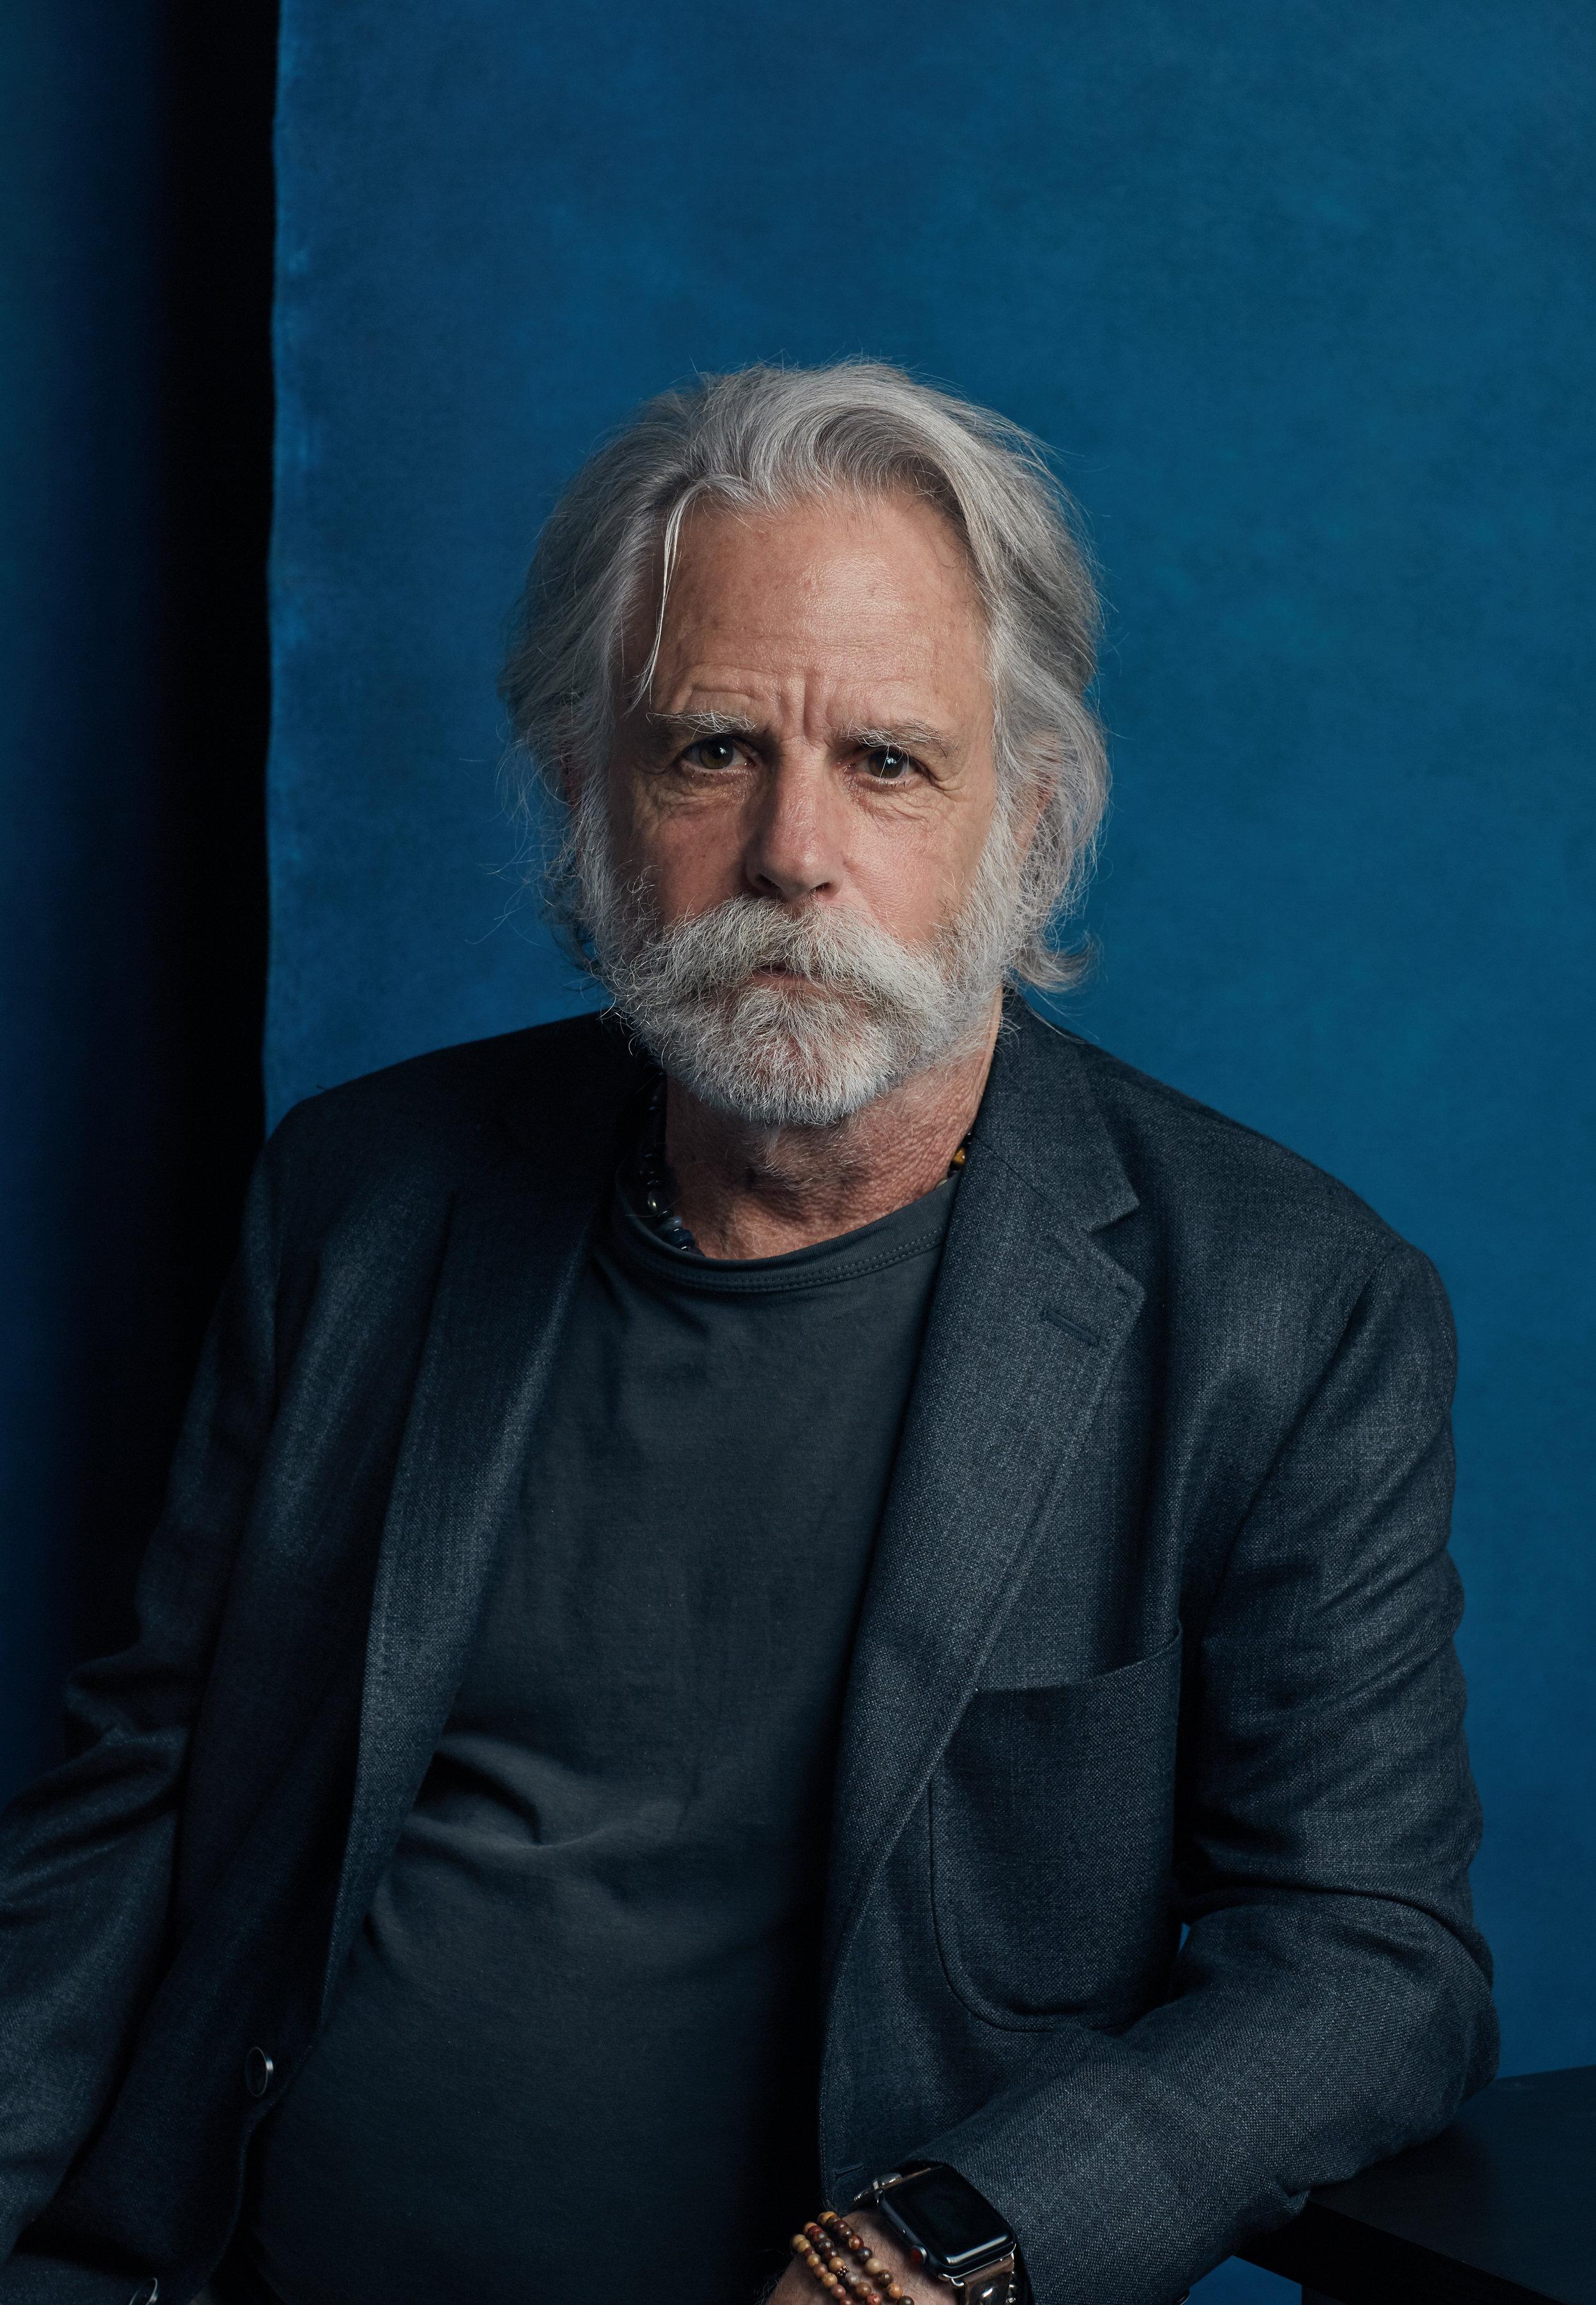 Musician from the Grateful Dead, Bob Weir.